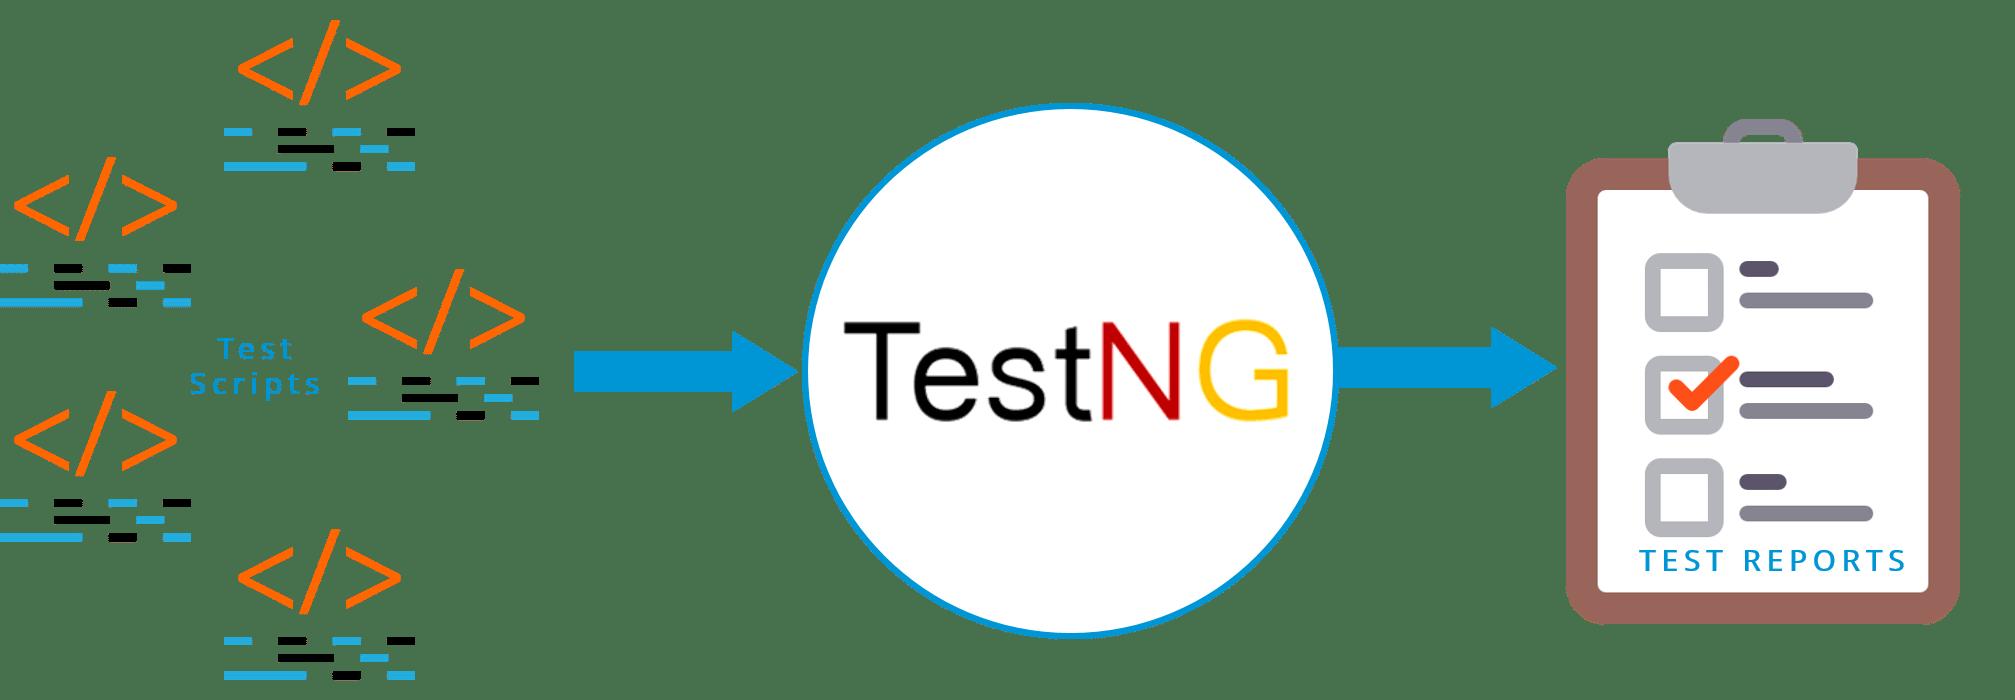 testng - selenium webdriver